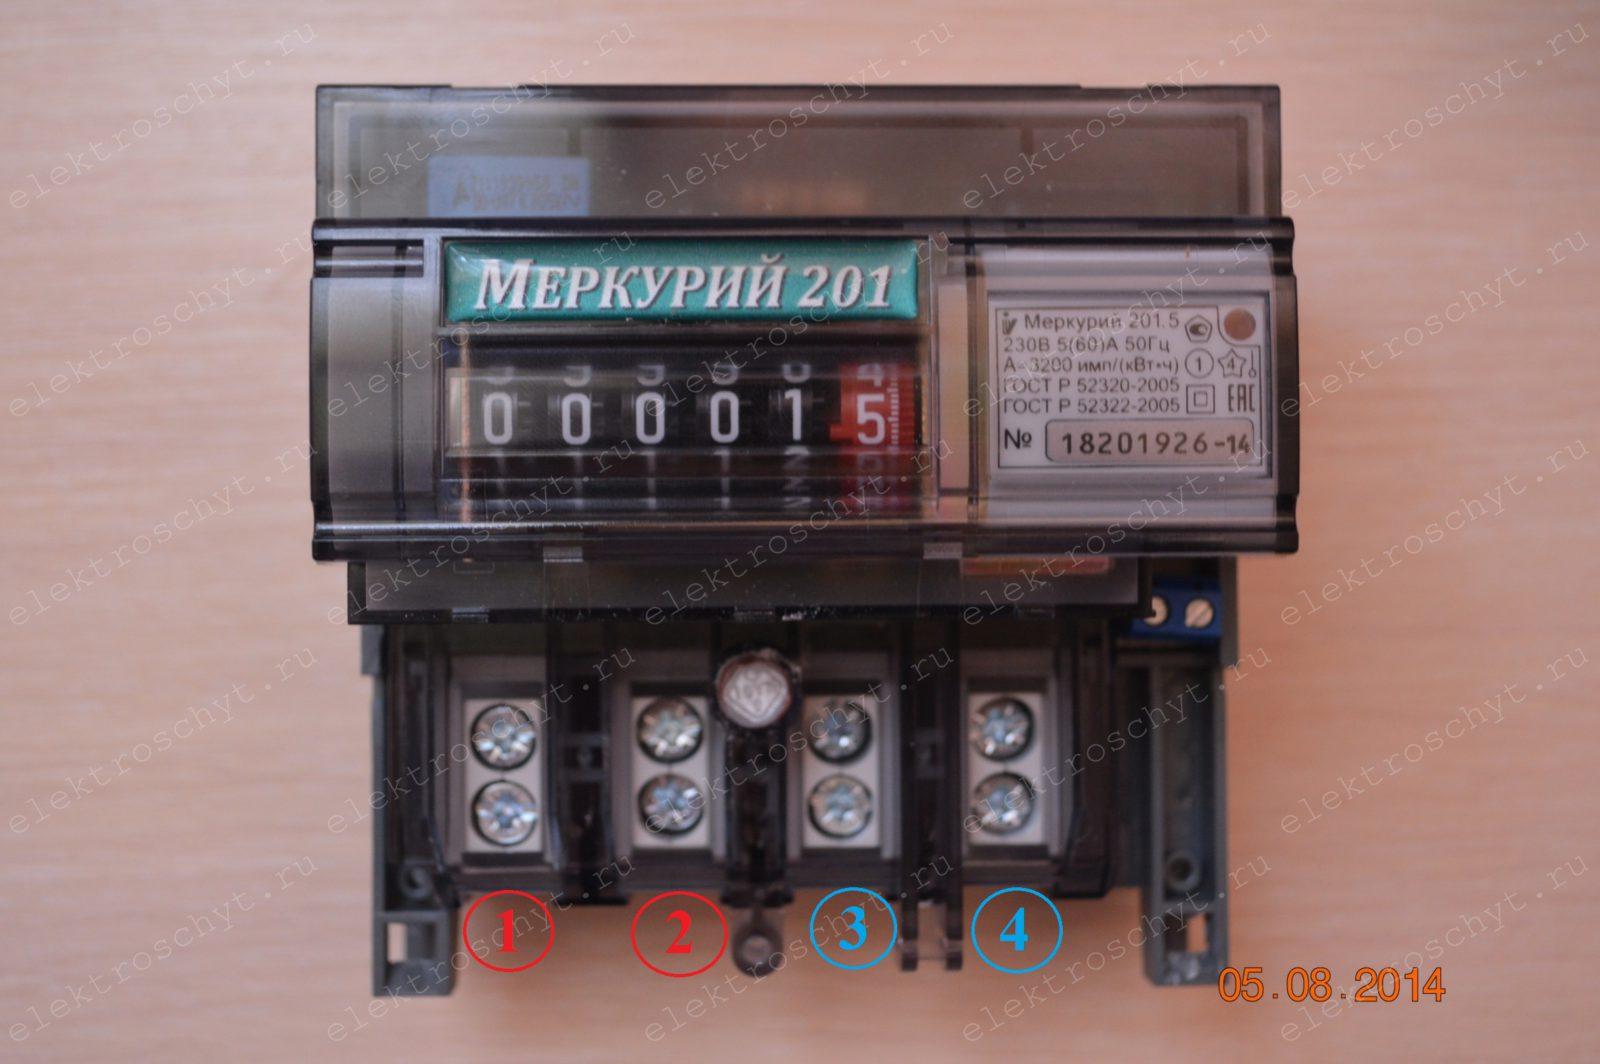 Все схемы подключения счетчиков Меркурий - Фаворит Схема электро счетчика меркурий